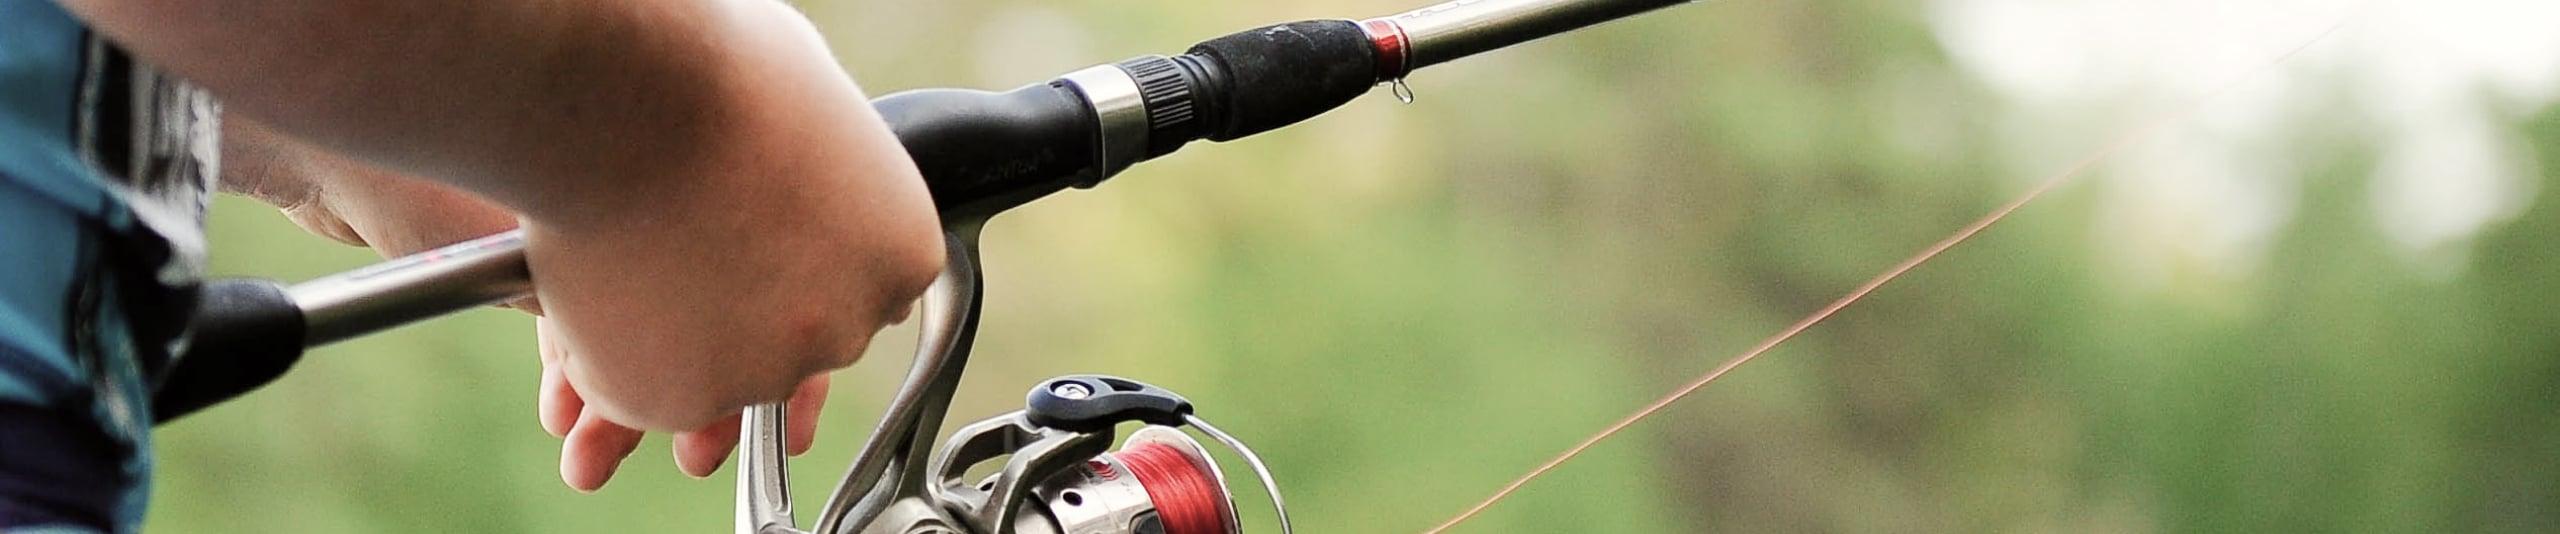 Seguro Caça e Pesca: proteção para quem gosta verdadeiramente de caçar e pescar